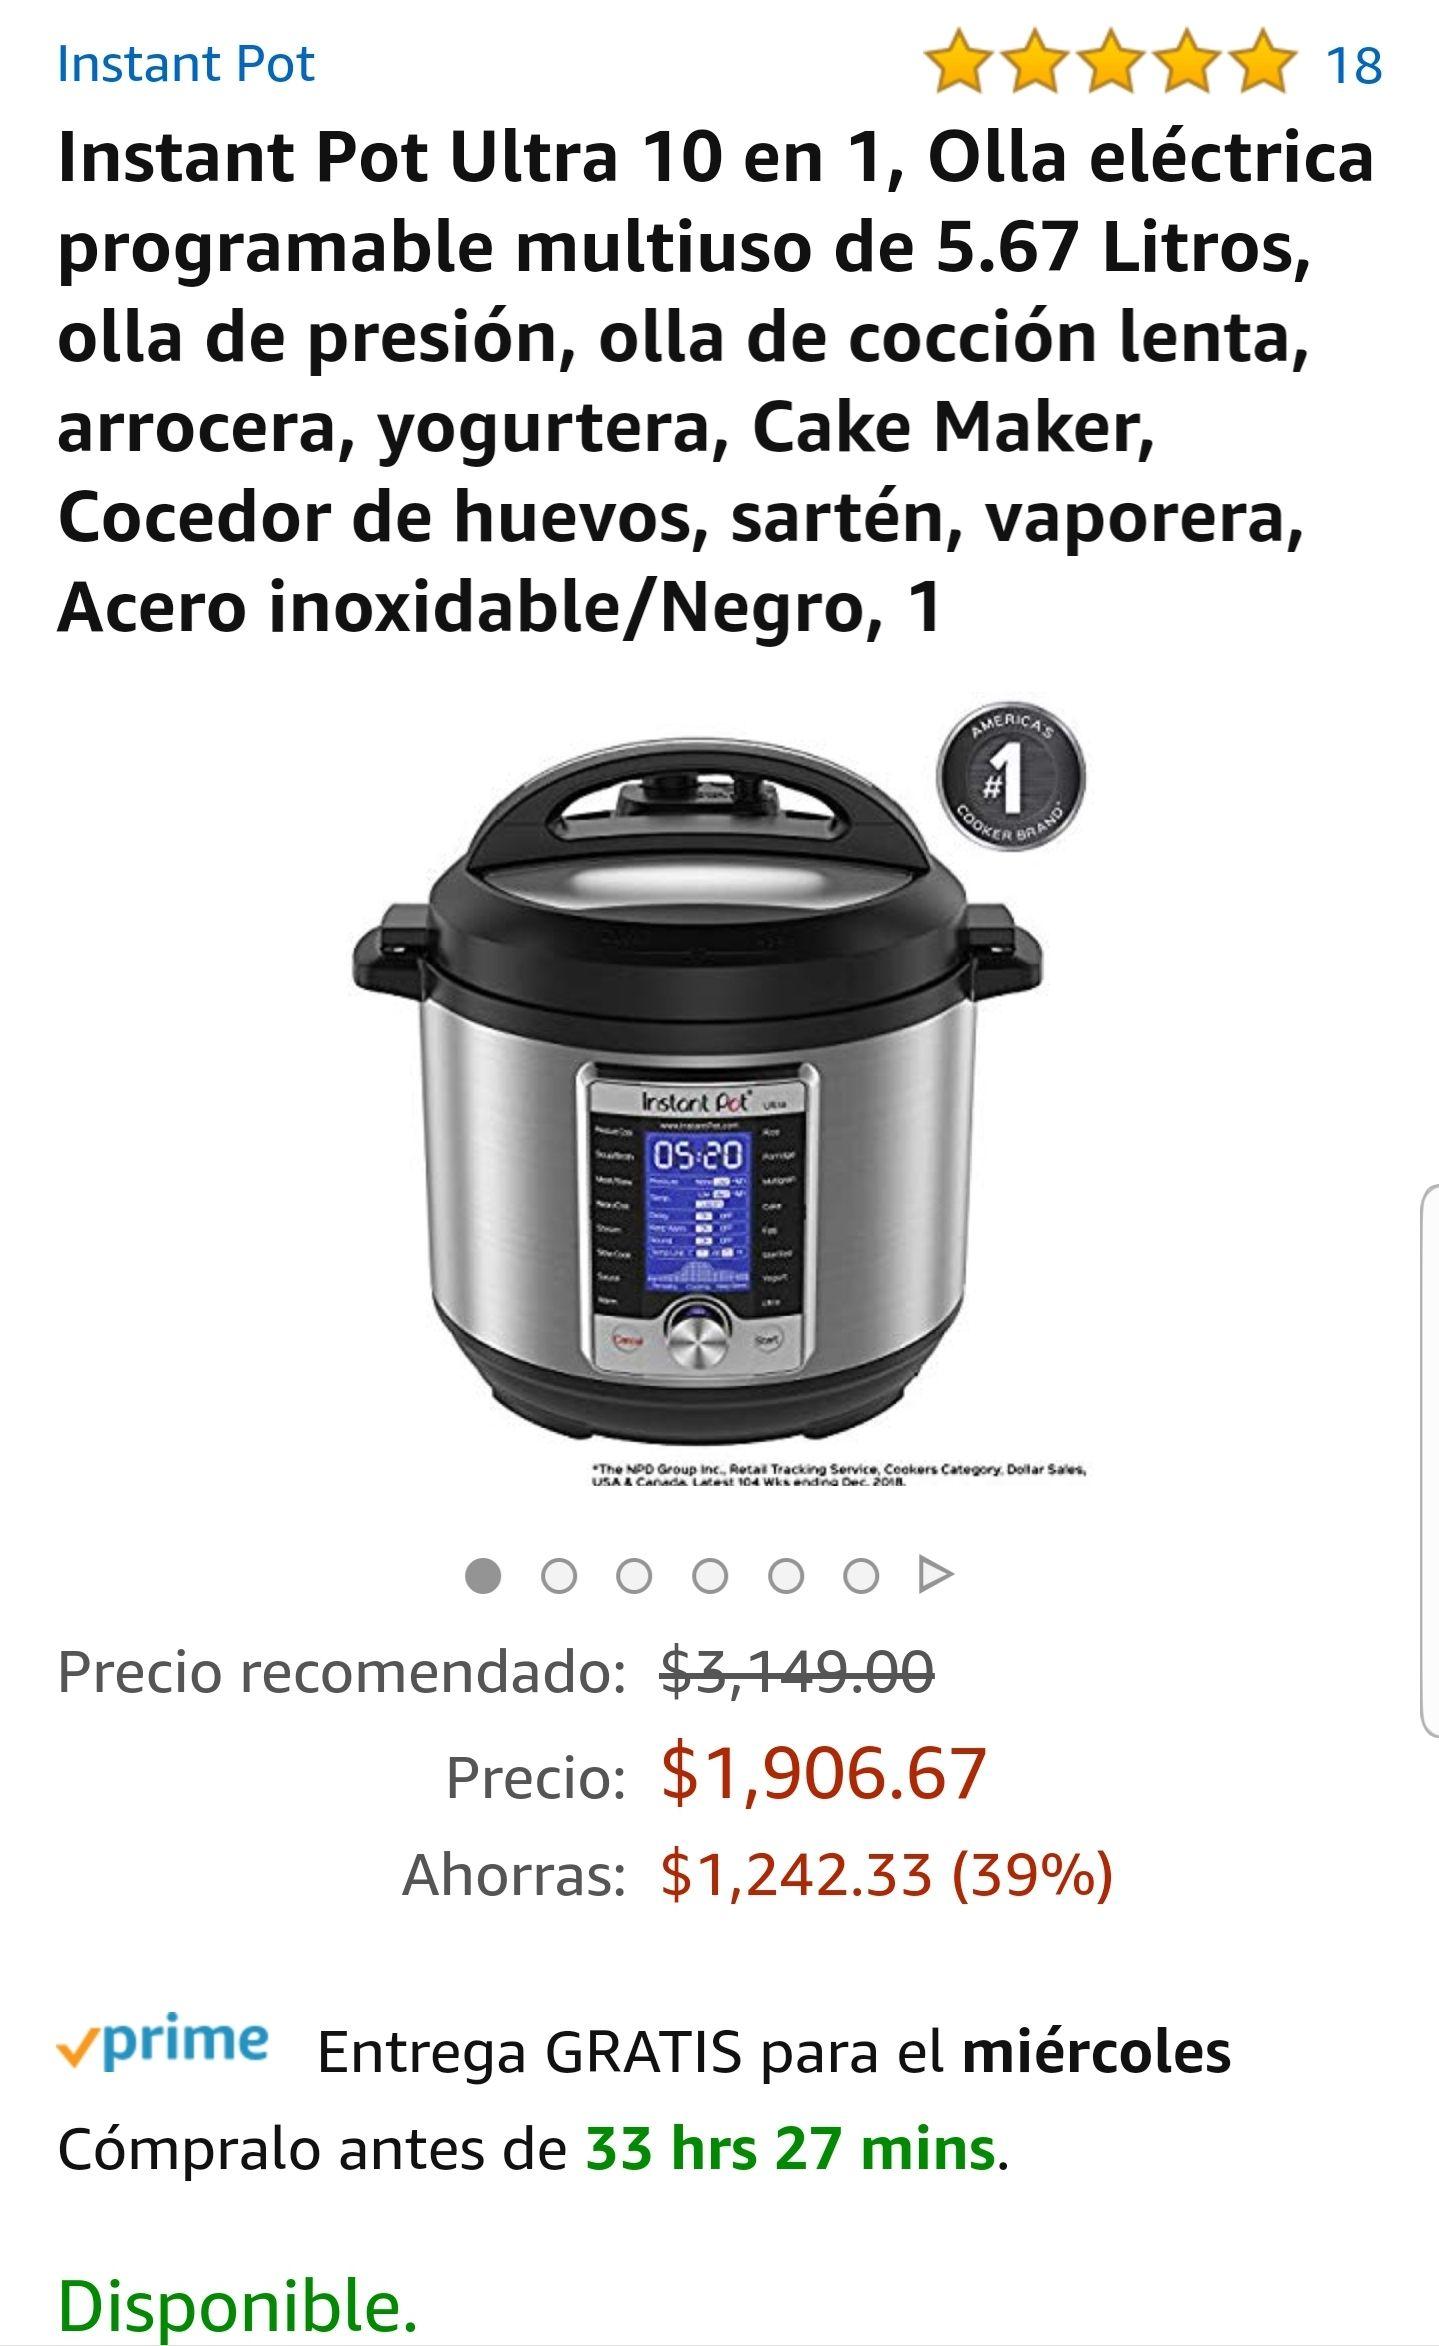 Amazon: Instant Pot Ultra 10 en 1, Olla eléctrica programable multiuso de 5.67 Litros